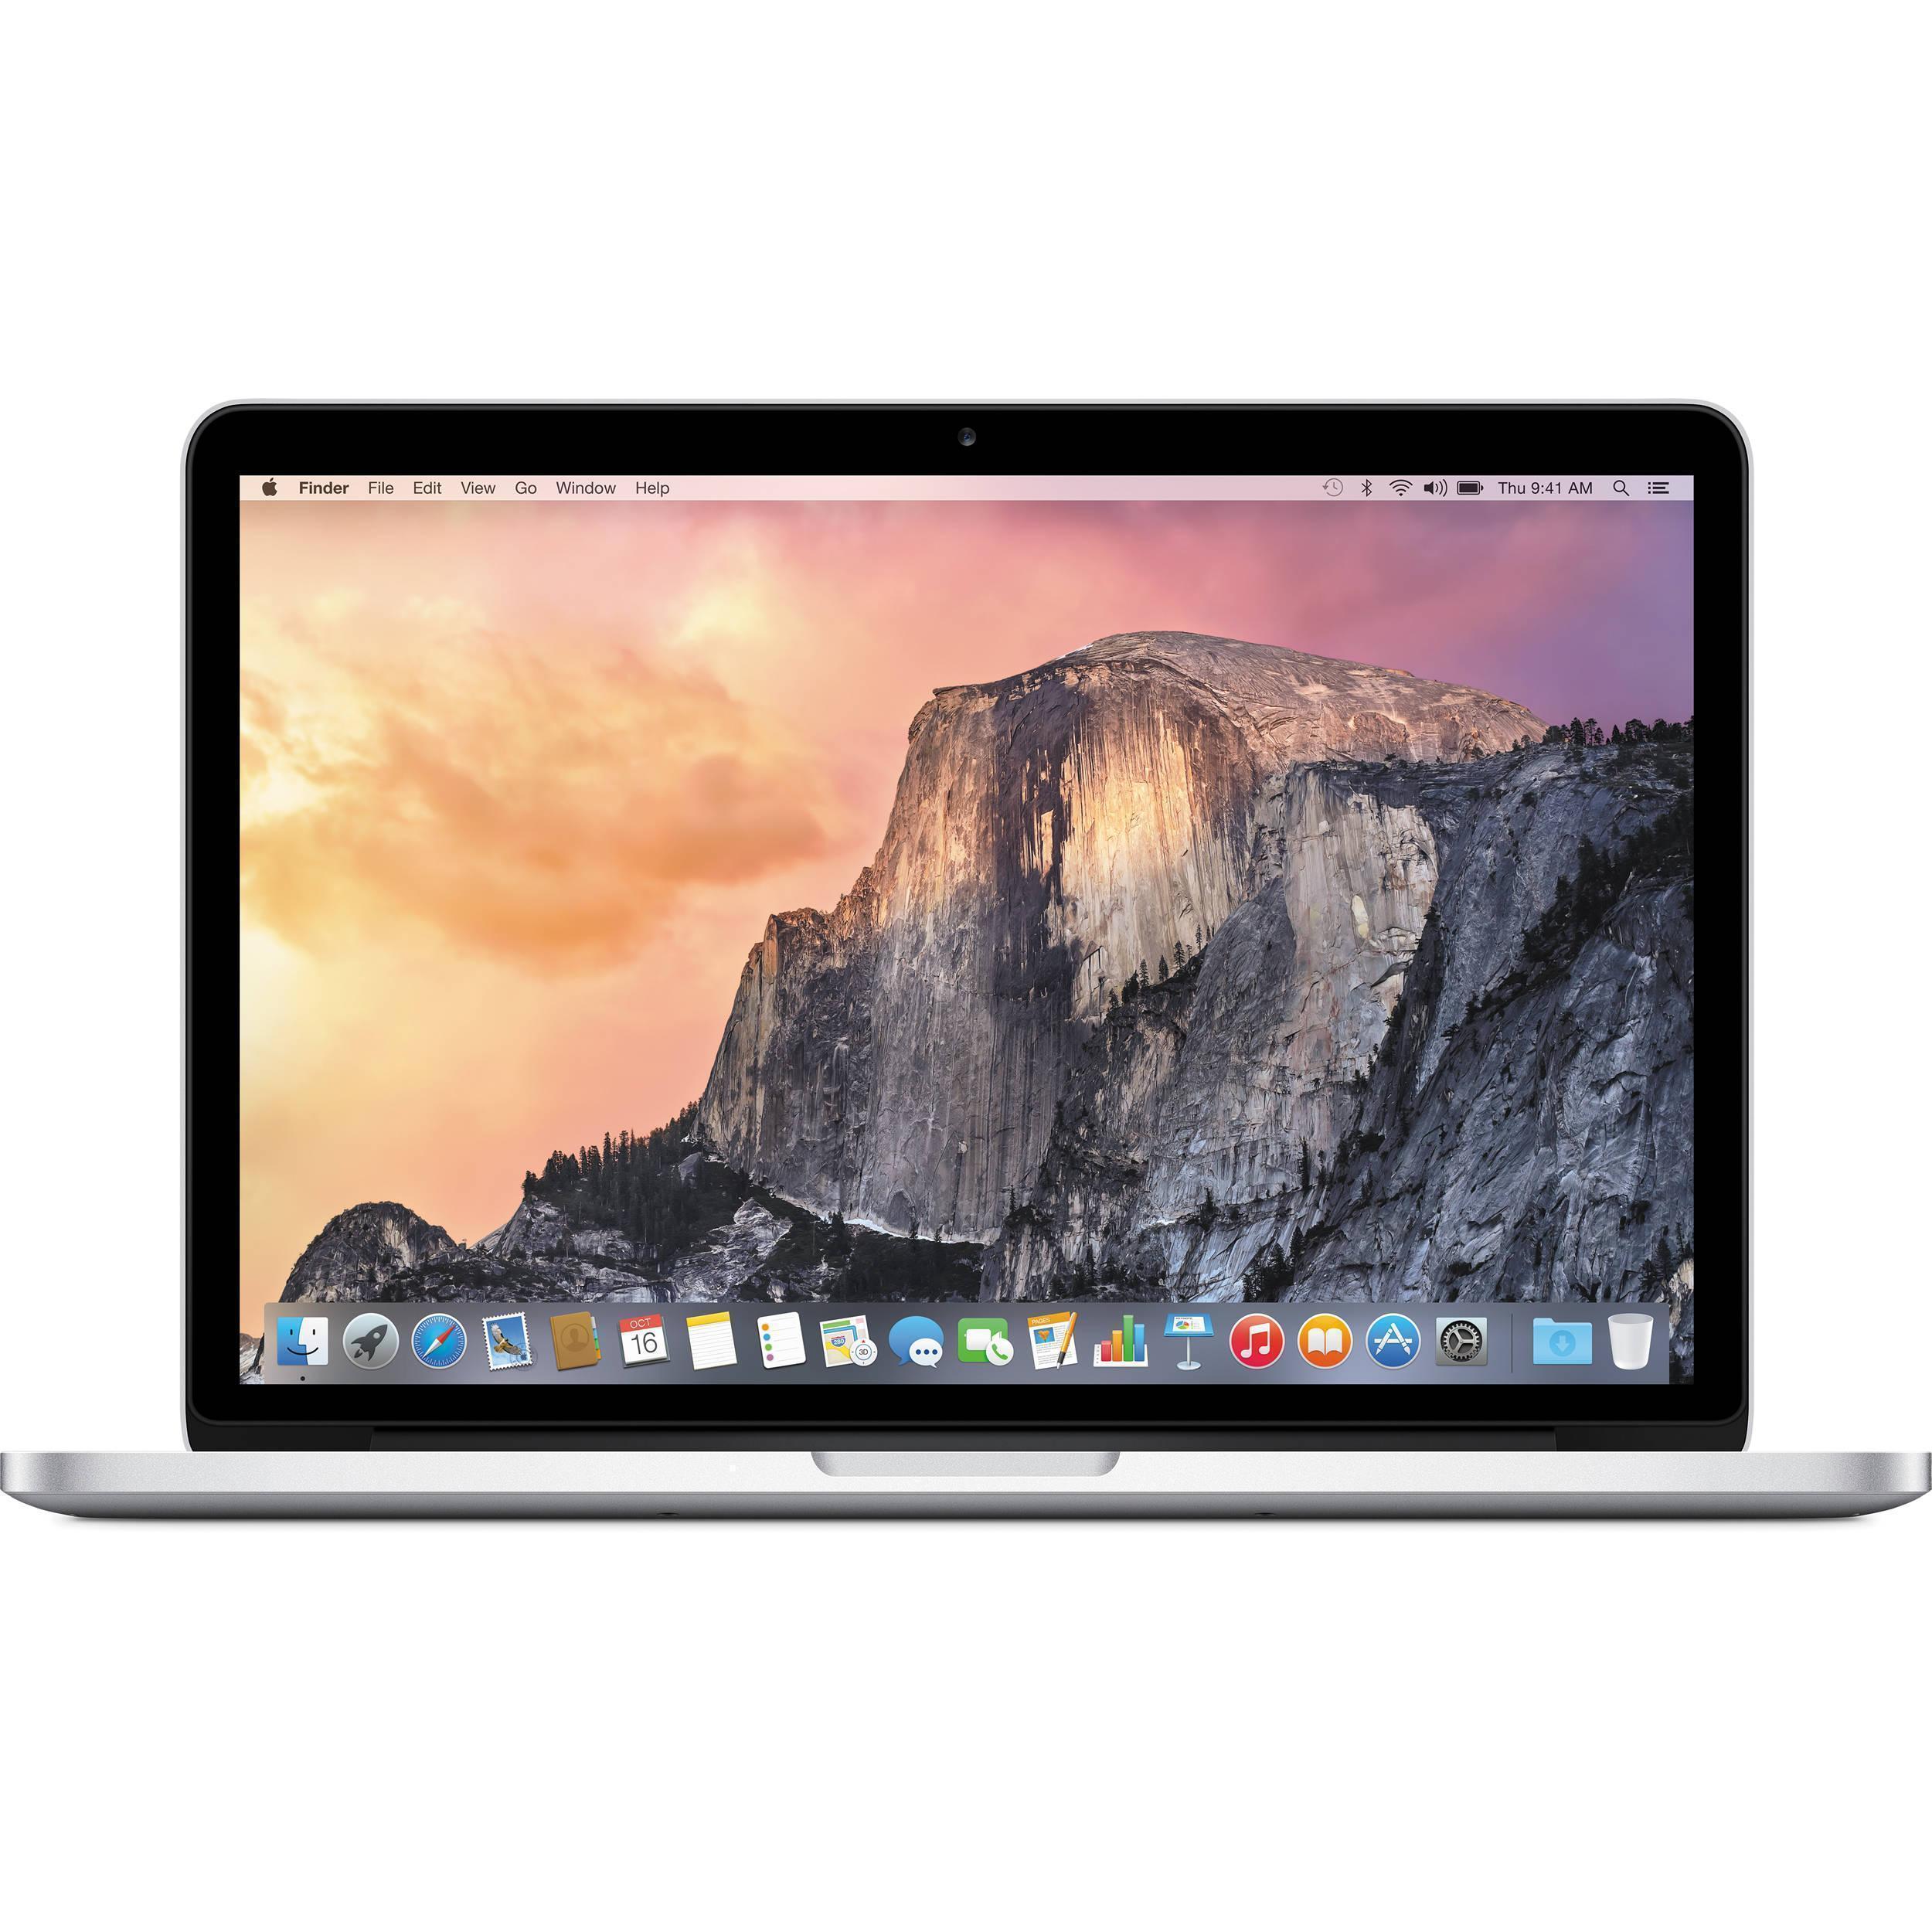 MacBook Pro Retina 13,3-tum (2013) - Core i5 - 8GB - SSD 256 GB QWERTY - Engelska (USA)